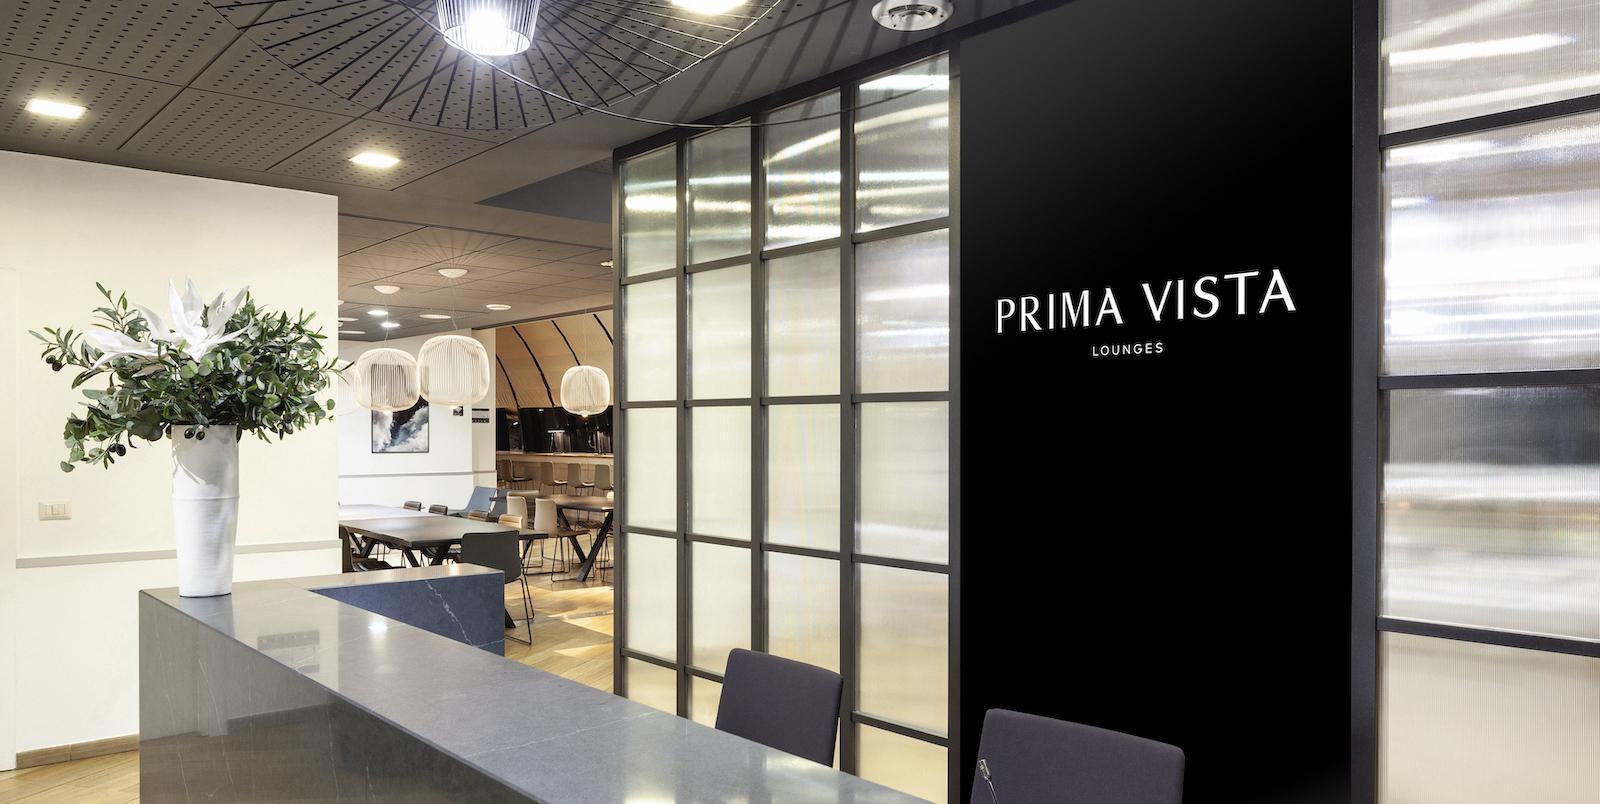 Prima Vista Lounges